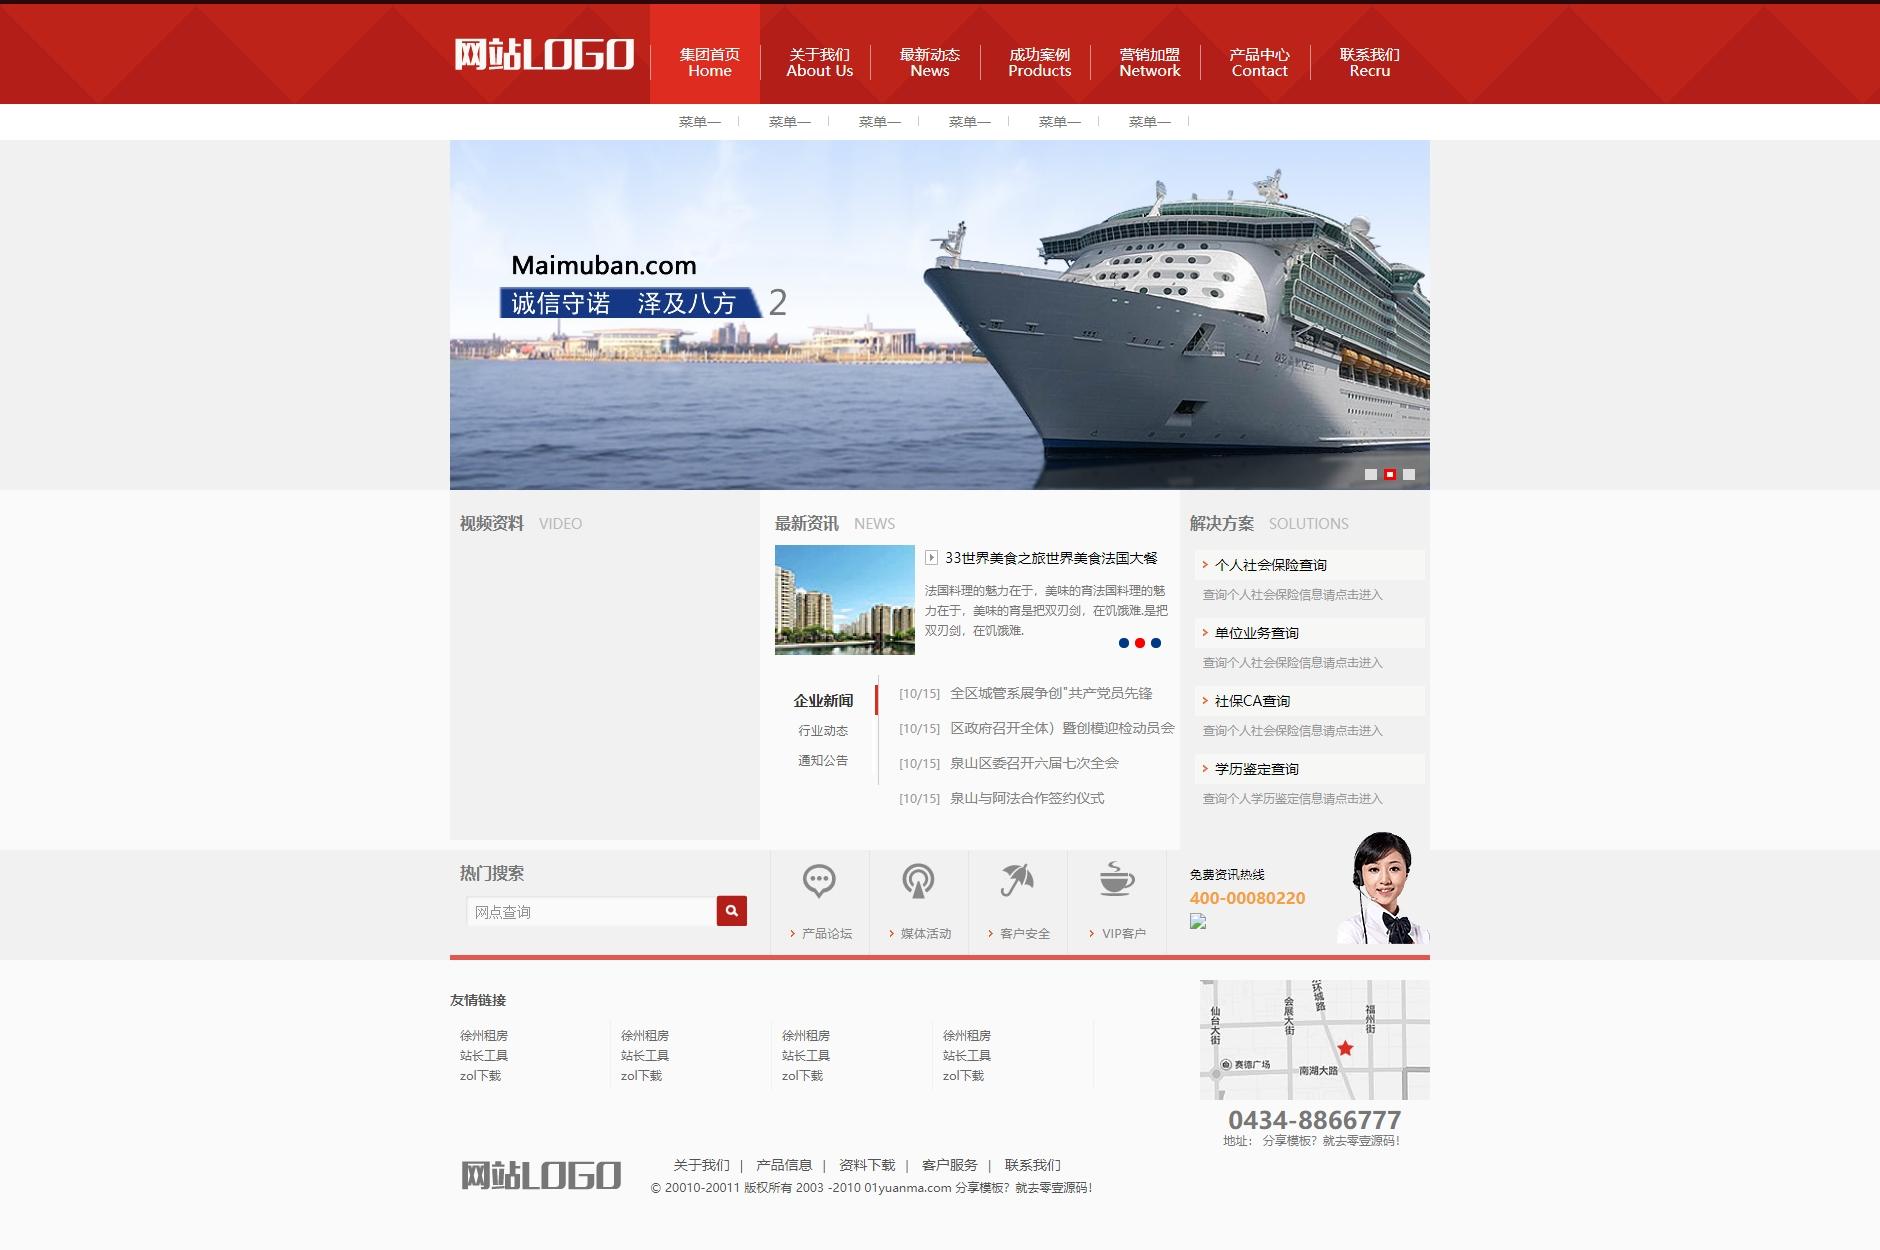 交通运输网站html模板